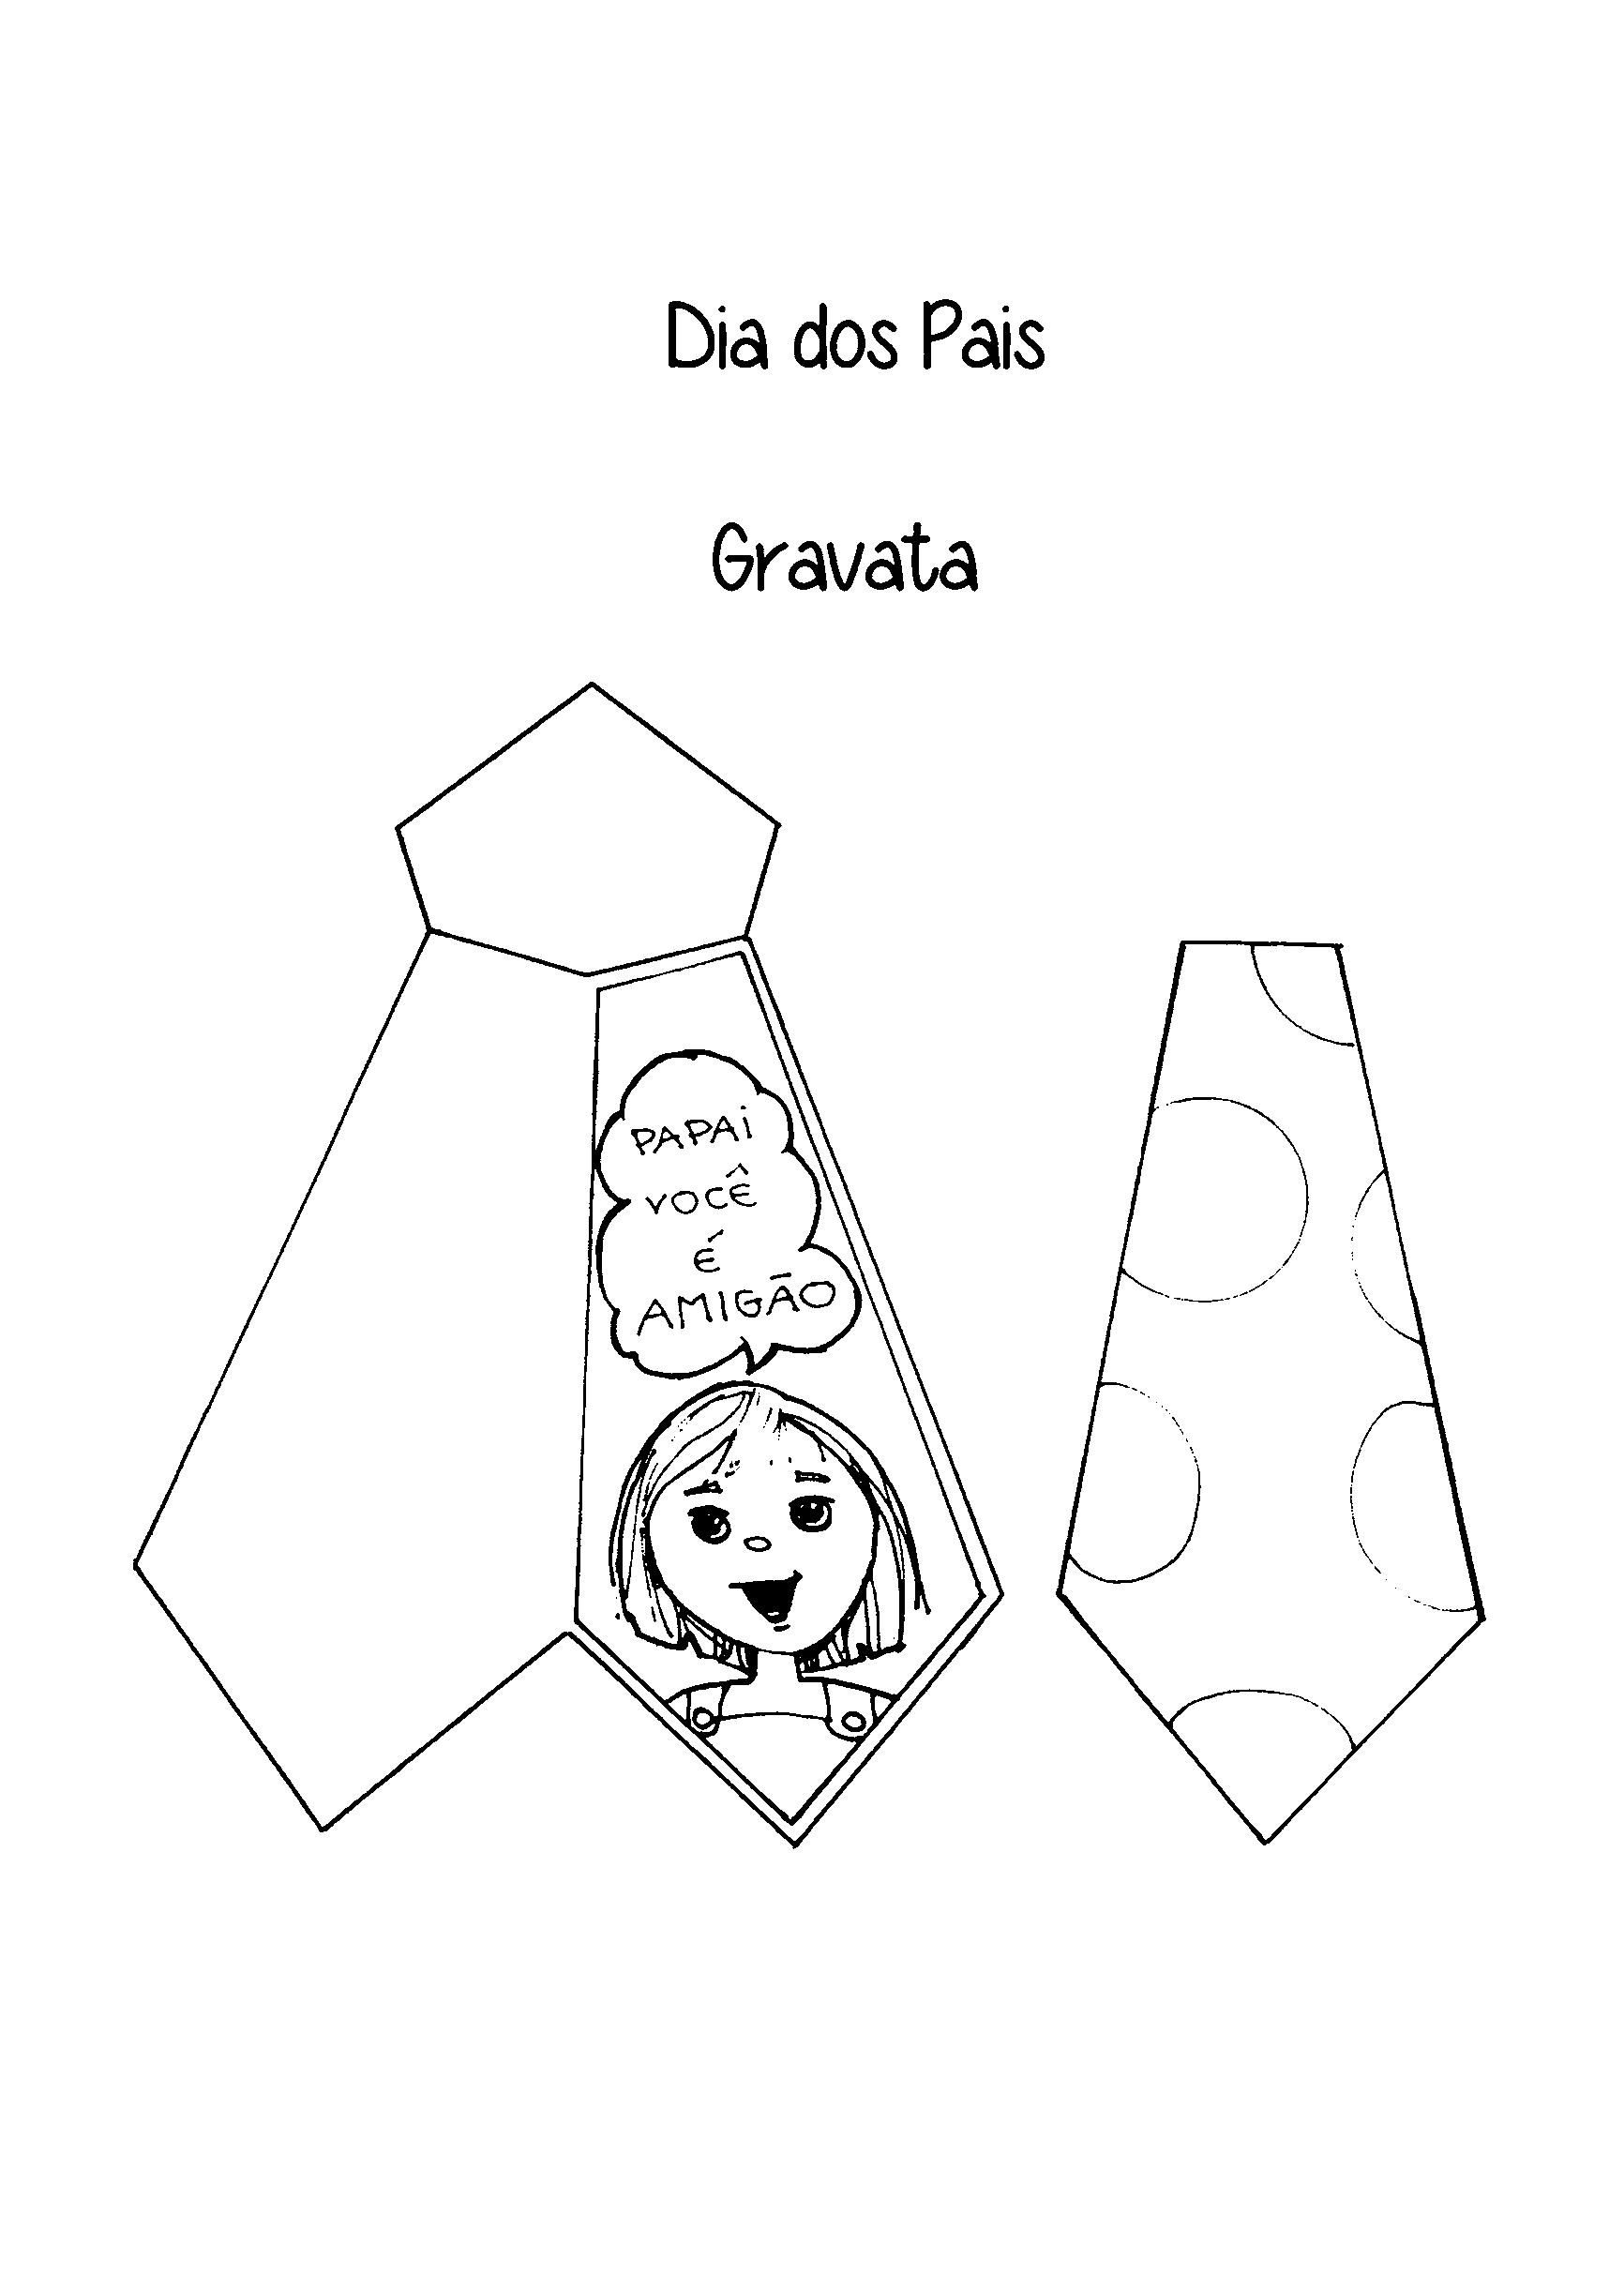 0218-dia-pais-gravatinha